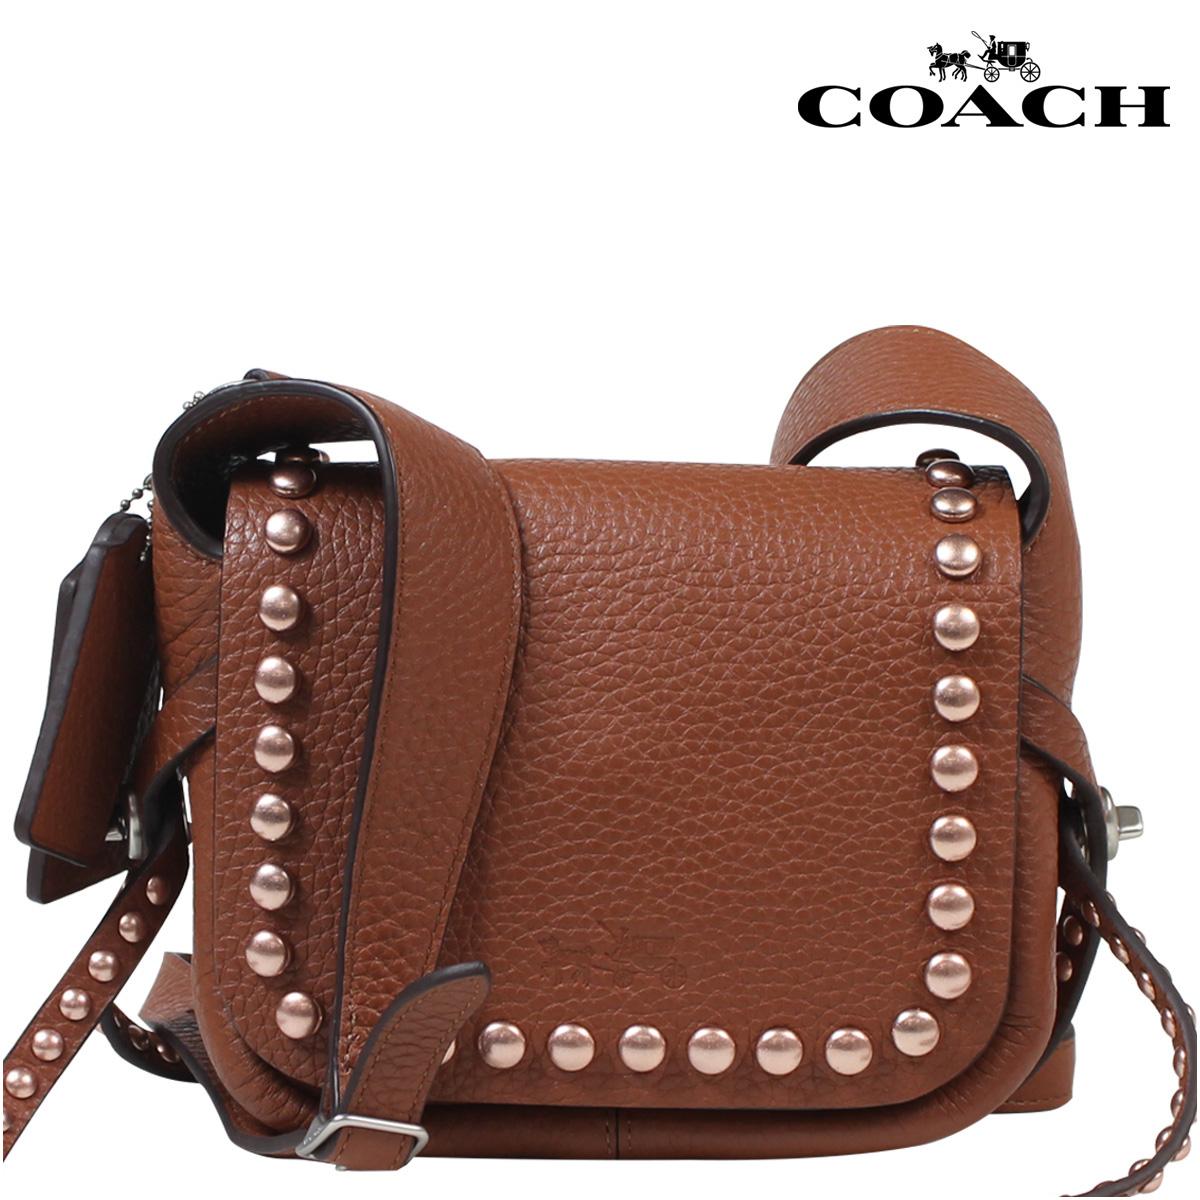 COACH コーチ バッグ ショルダーバッグ ブティック商品 35750 サドル レディース